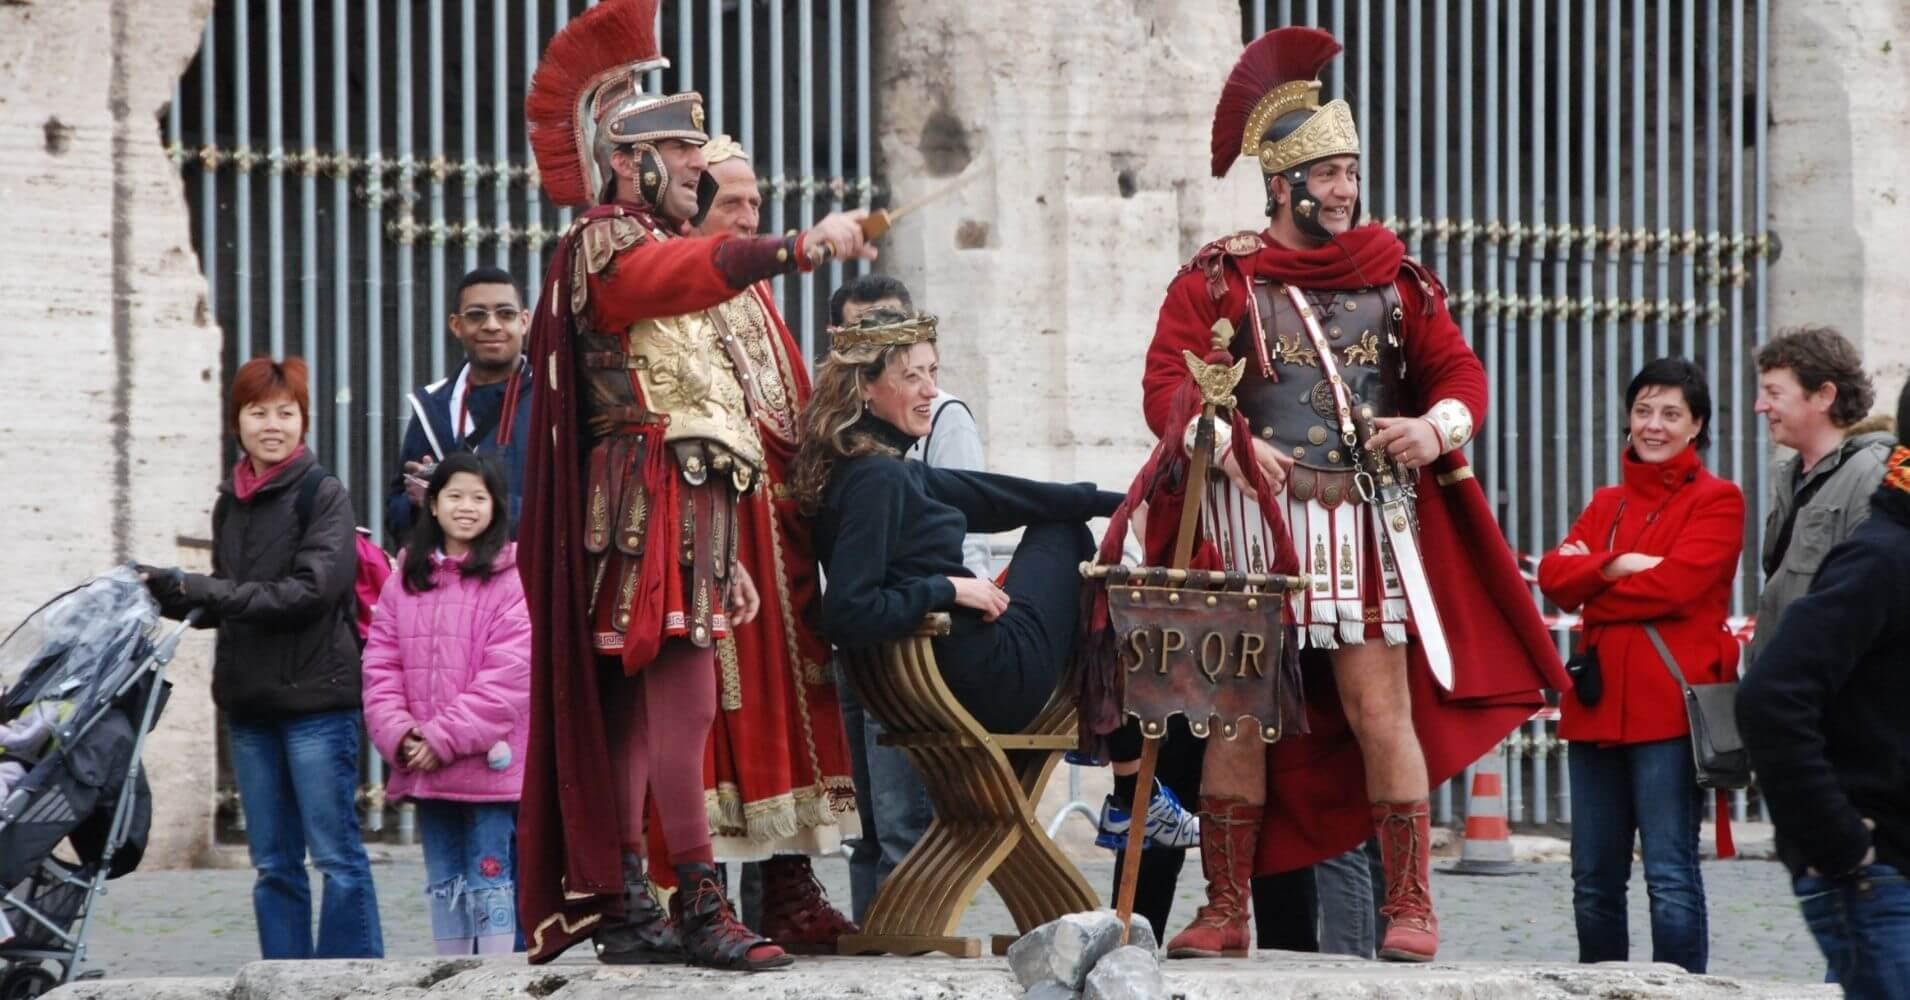 Romanos en el Coliseo. Roma, Lacio. Italia.